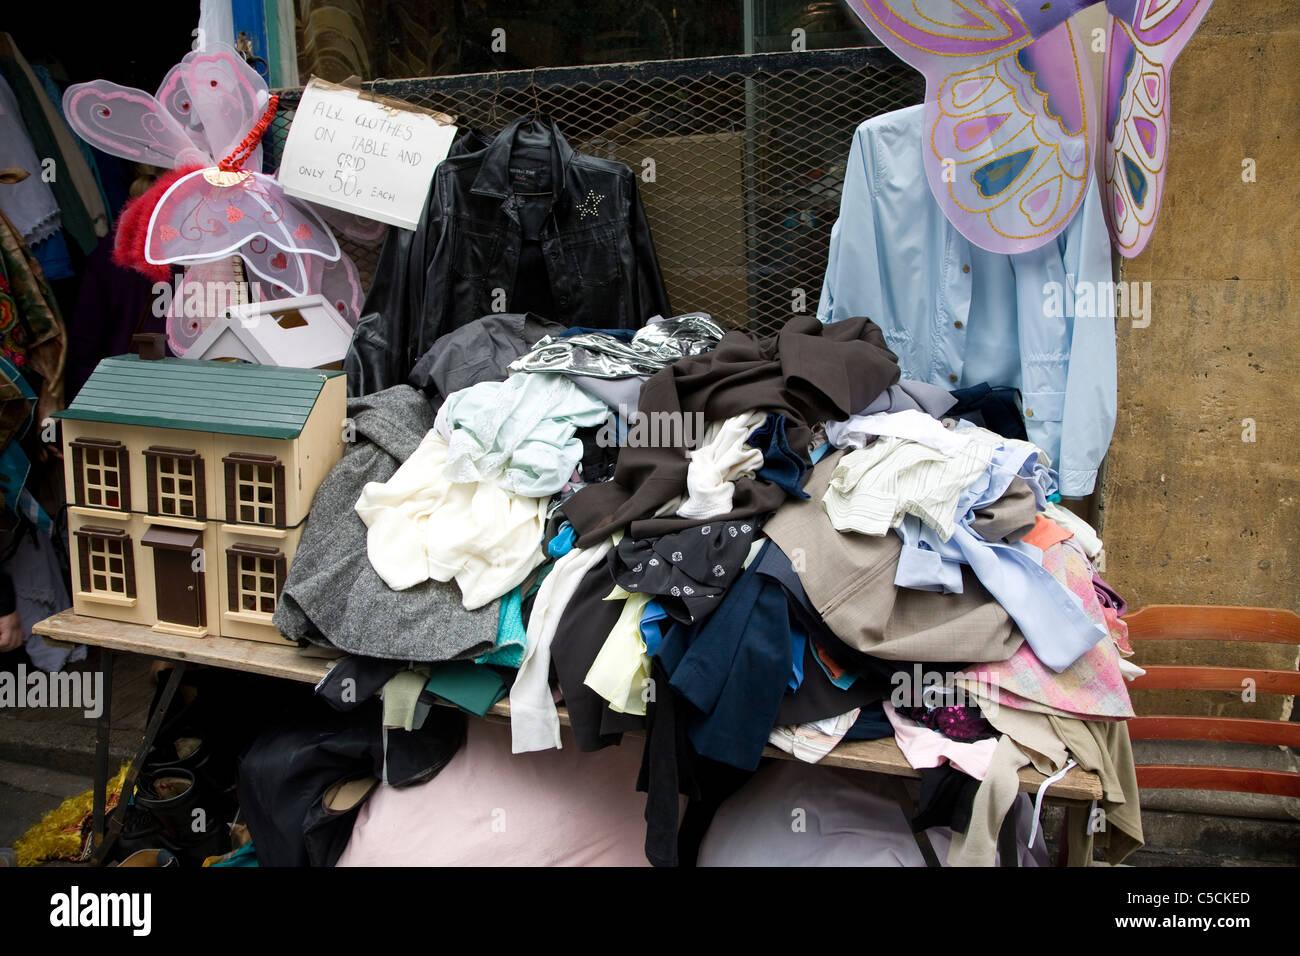 Vestiti vecchi e accozzaglia al di fuori del negozio di carità, Walcot, bagno, Inghilterra Immagini Stock